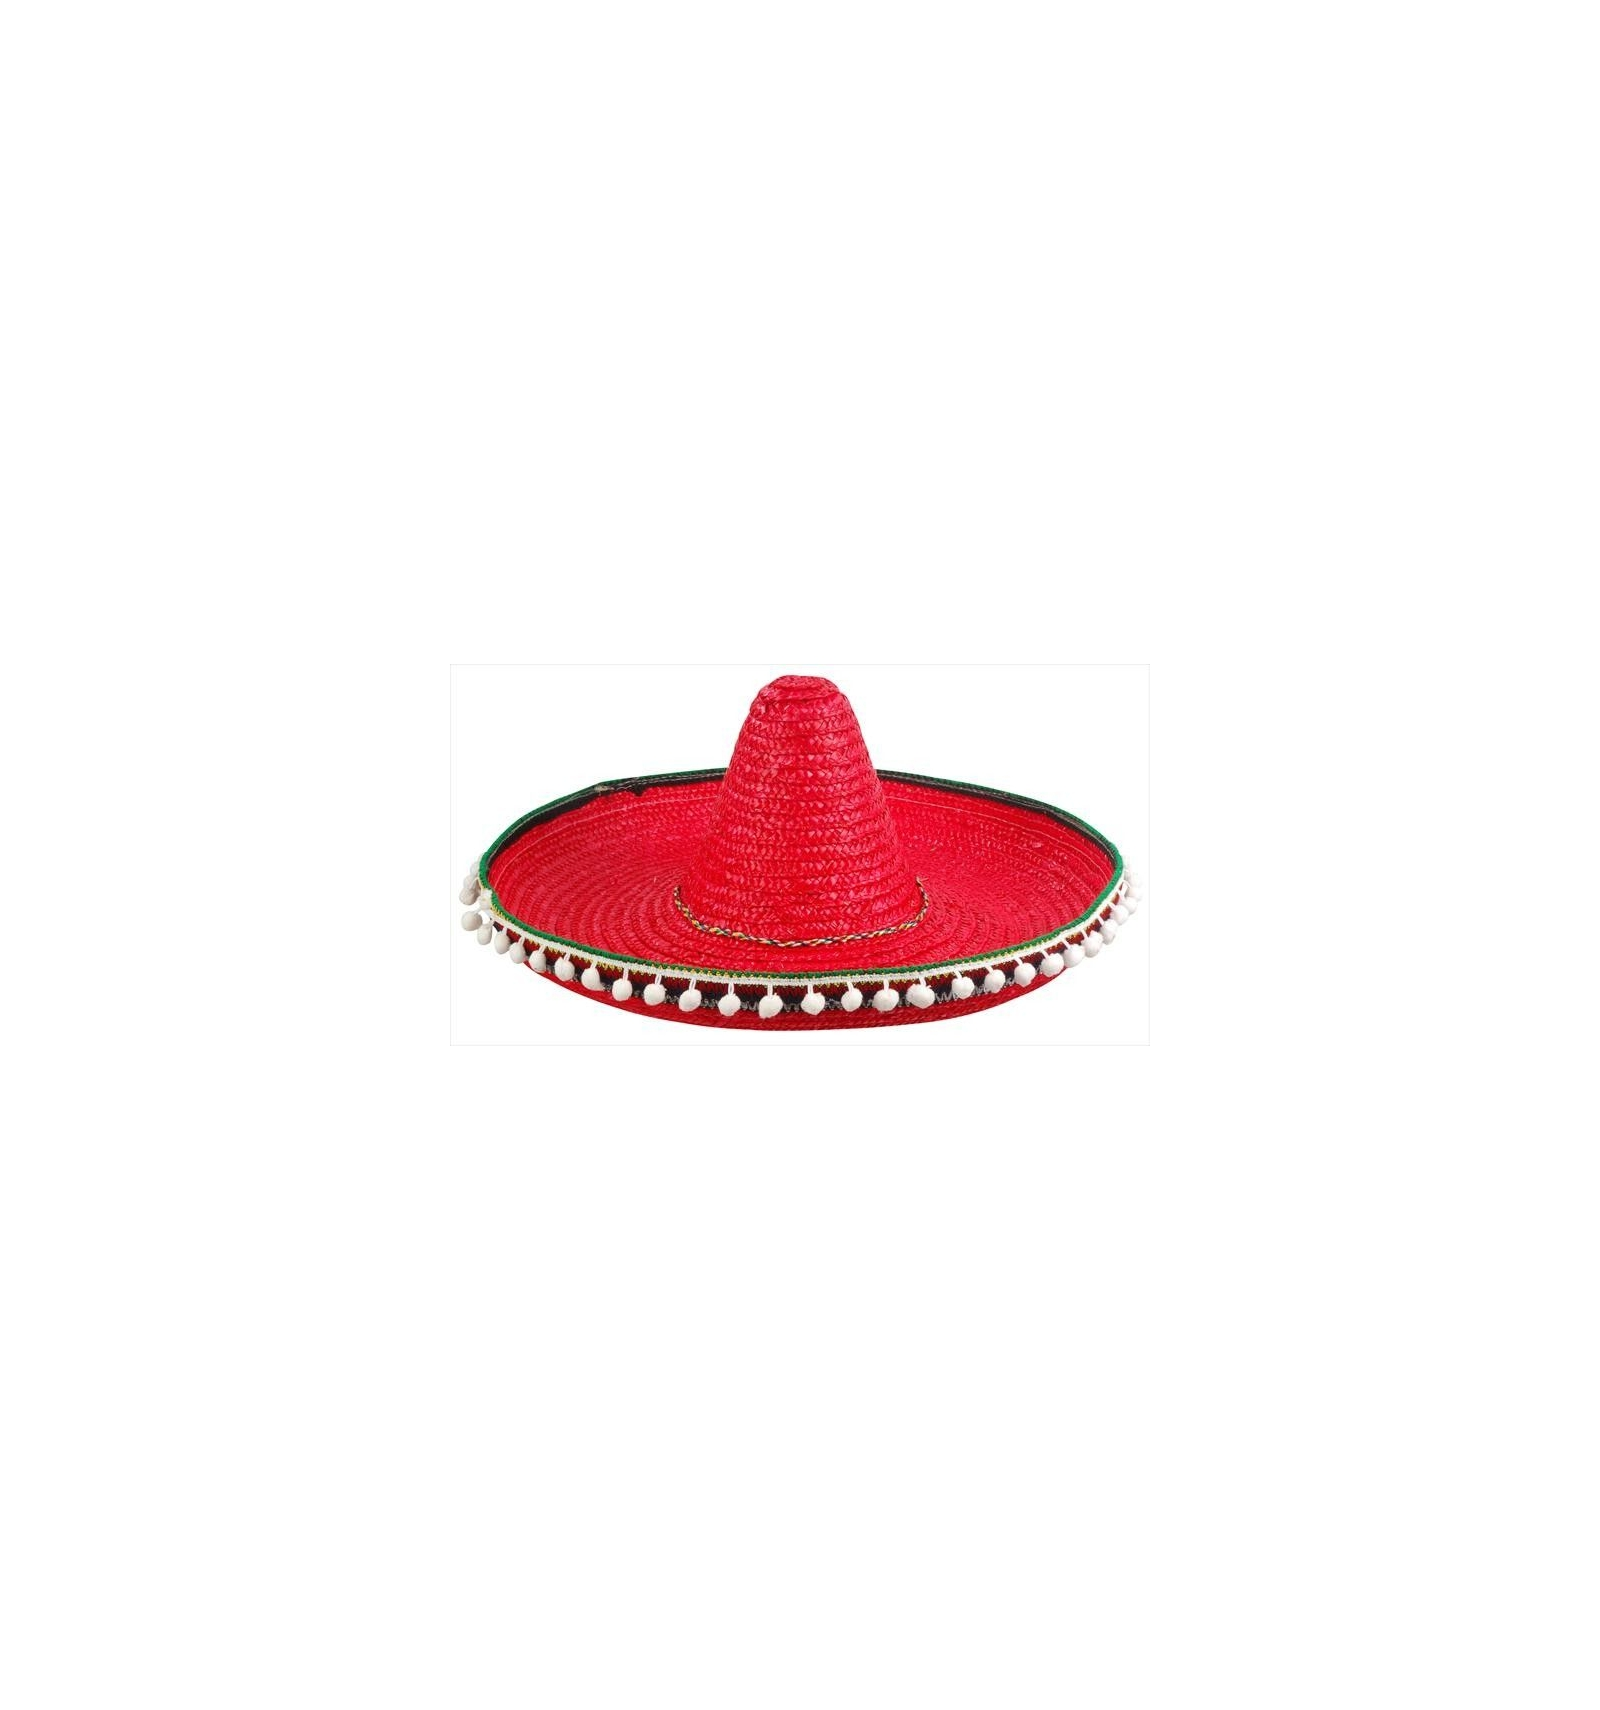 SOMBRERO MEJICANO GRANDE 68 CM. - Tienda de Disfraces Online 6061089af75